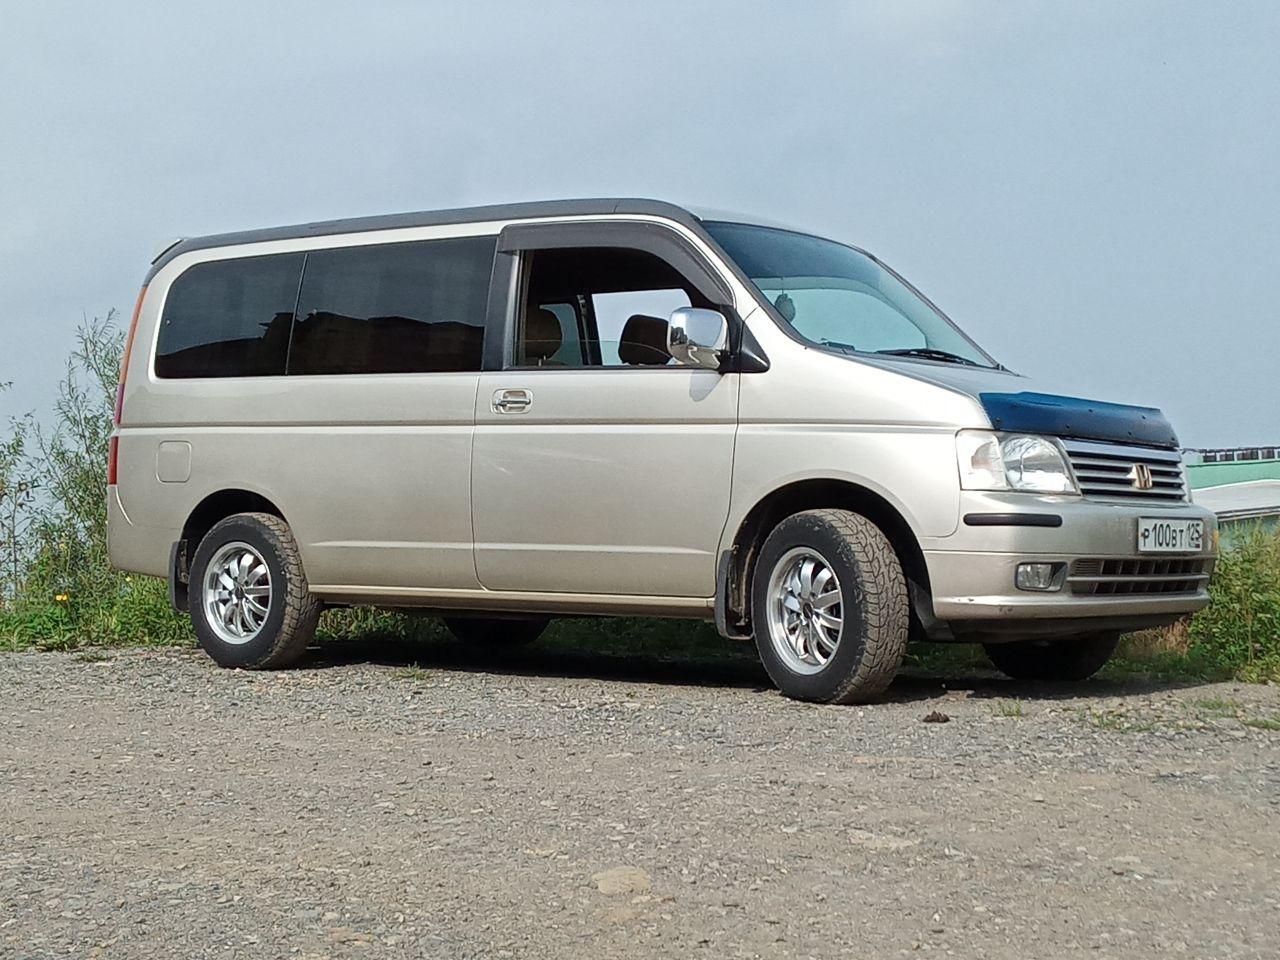 Хонда Стэпвэгон 2002, 2 литра, Отличный автобус, АКПП, 160 ...